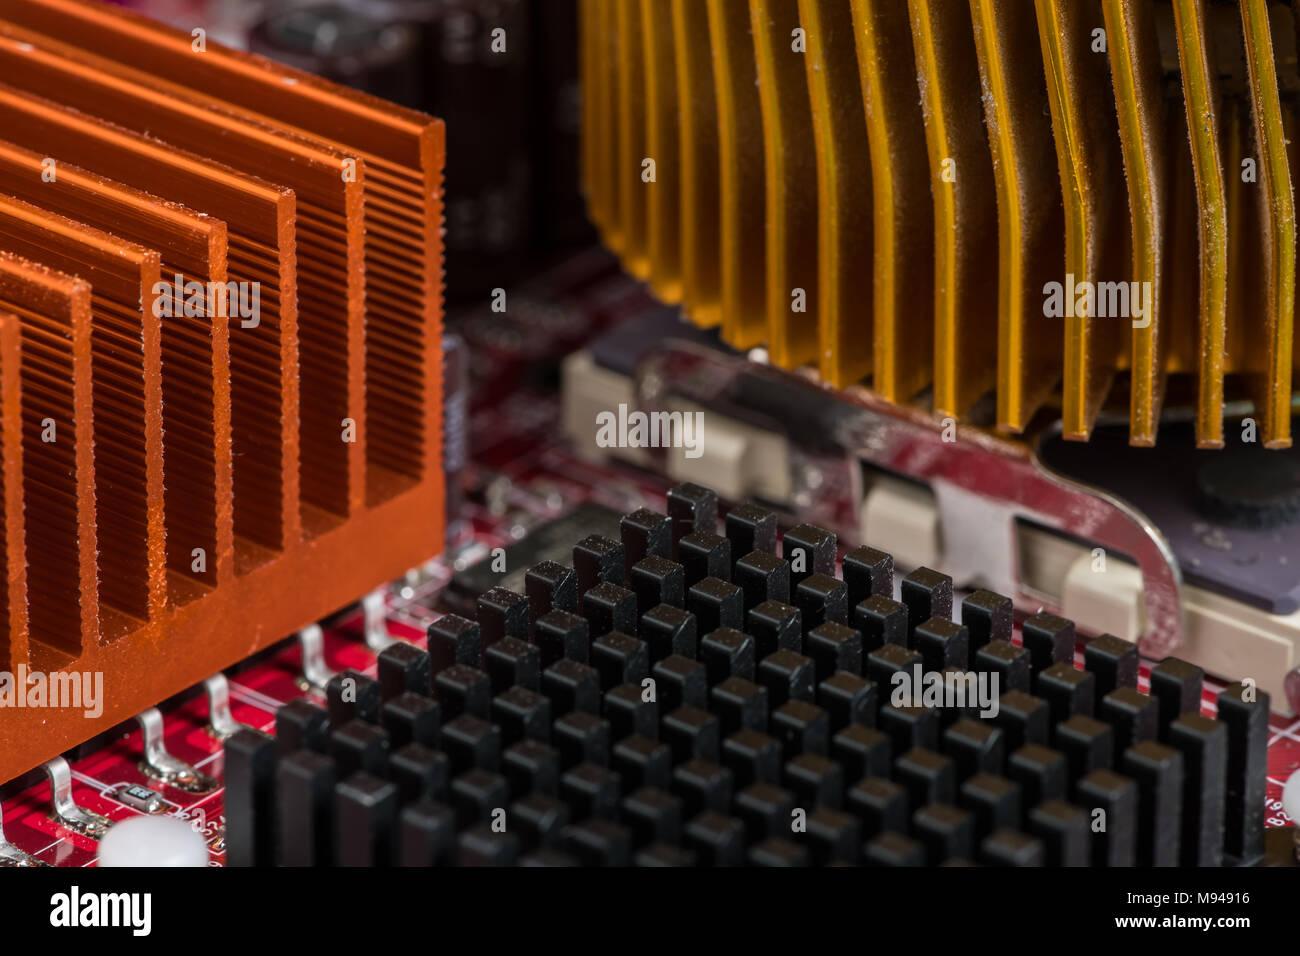 Circuito Ventilador : Detalles de una vieja placa de circuito elementos de